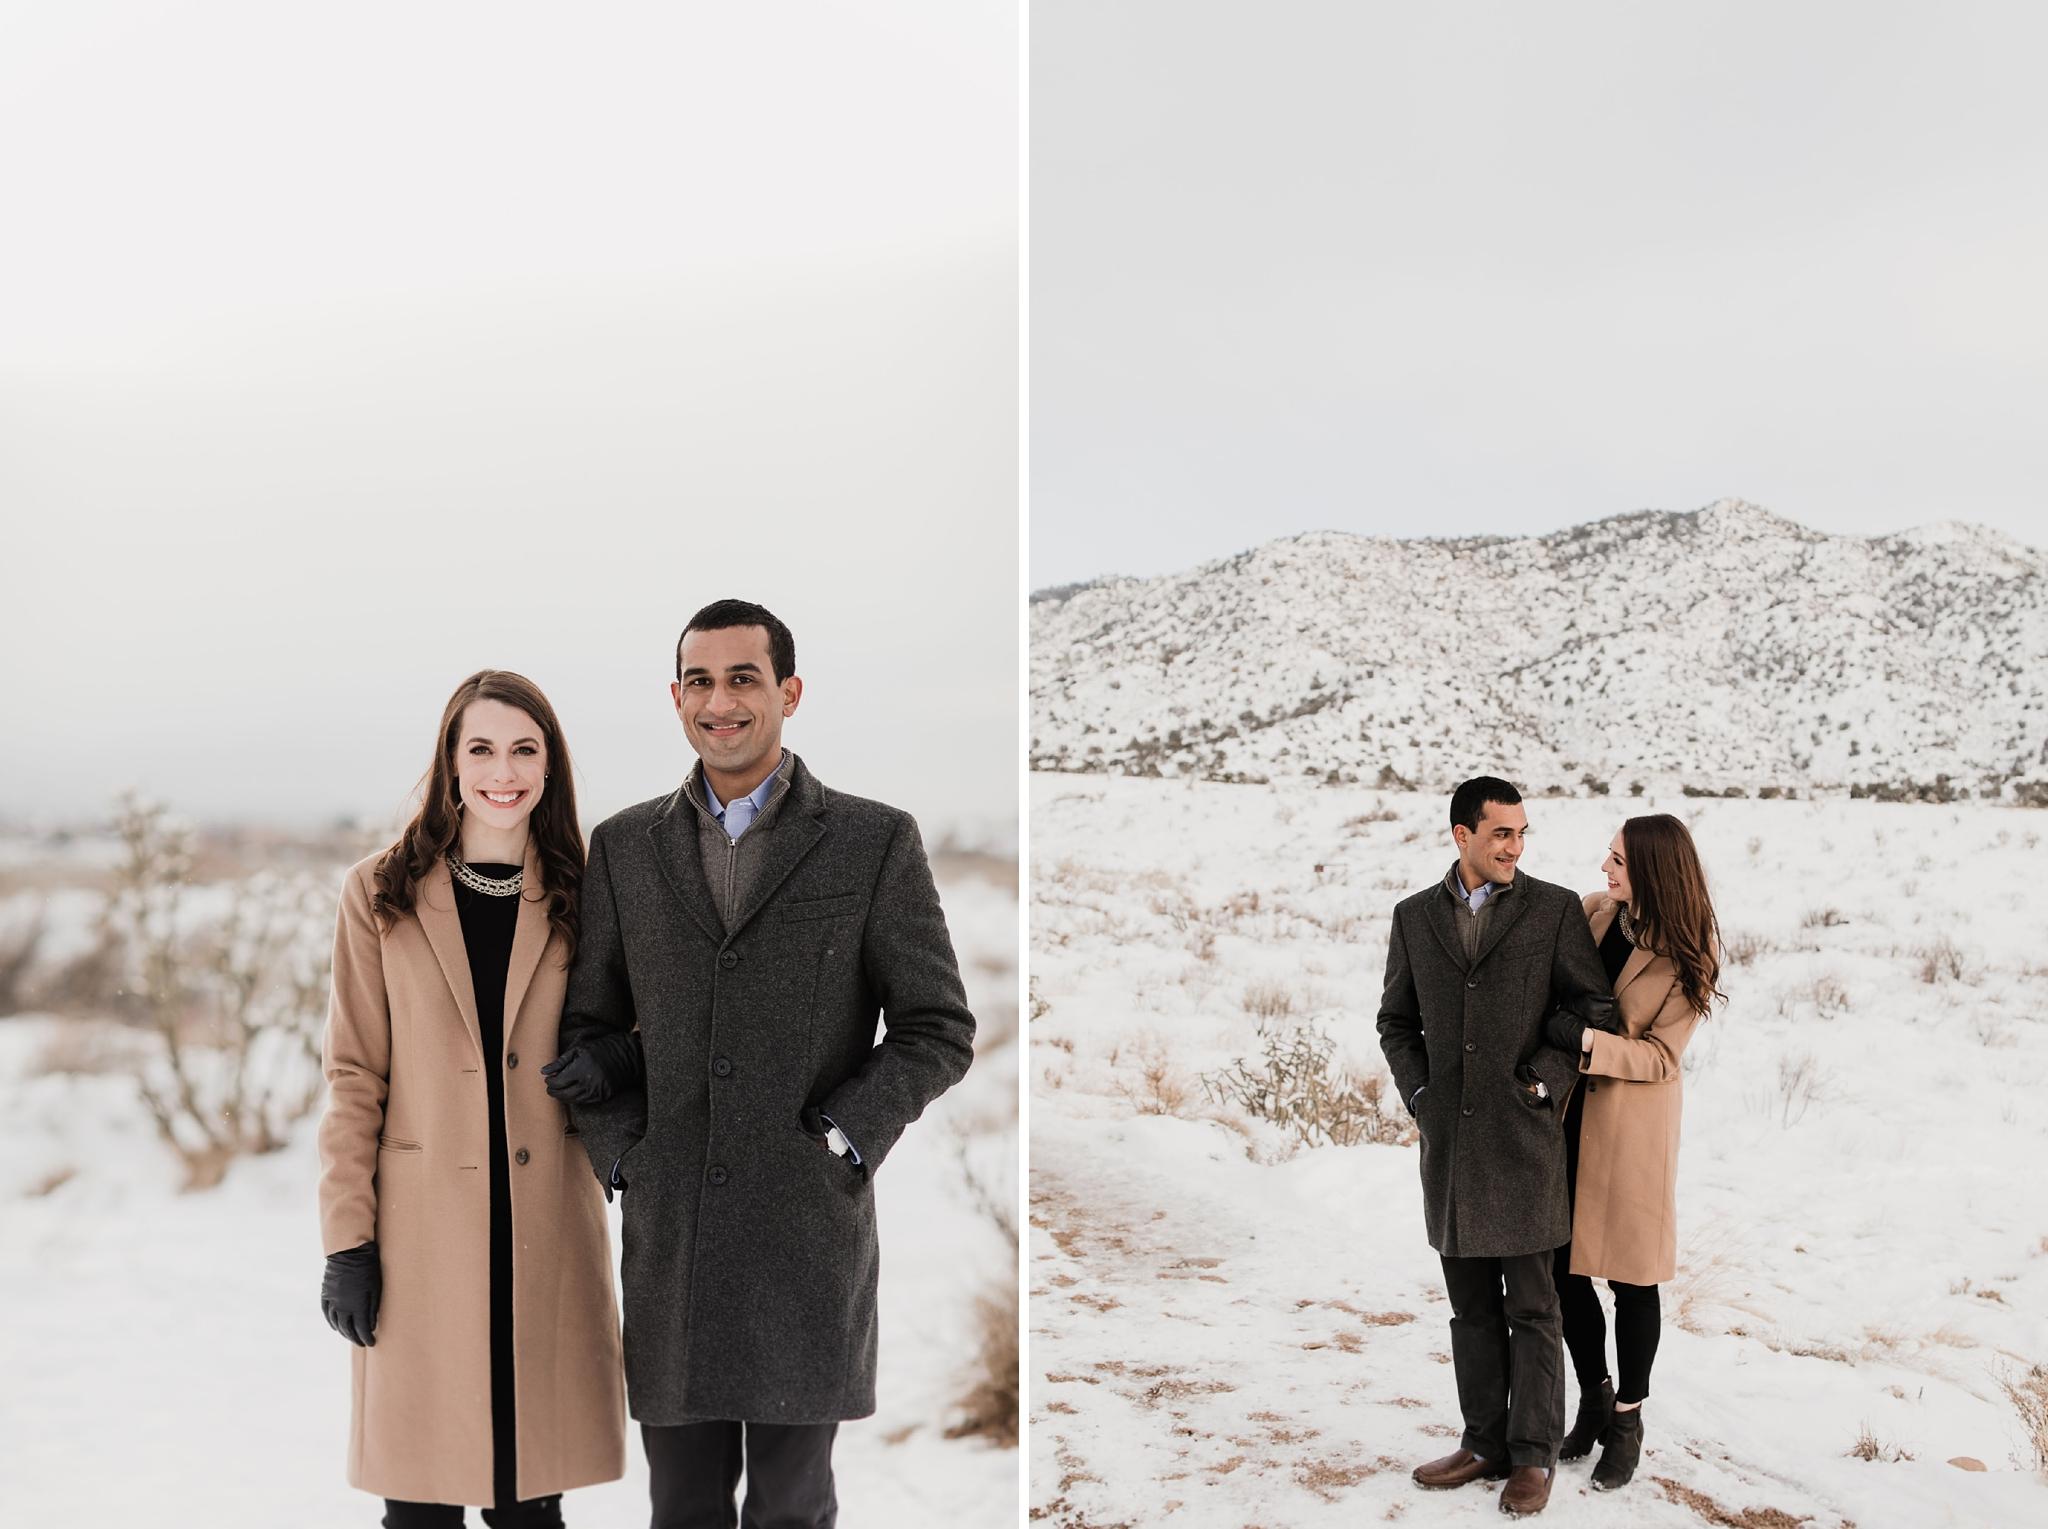 Alicia+lucia+photography+-+albuquerque+wedding+photographer+-+santa+fe+wedding+photography+-+new+mexico+wedding+photographer+-+new+mexico+wedding+-+new+mexico+engagement+-+engagement+style+-+style+lookbook_0049.jpg